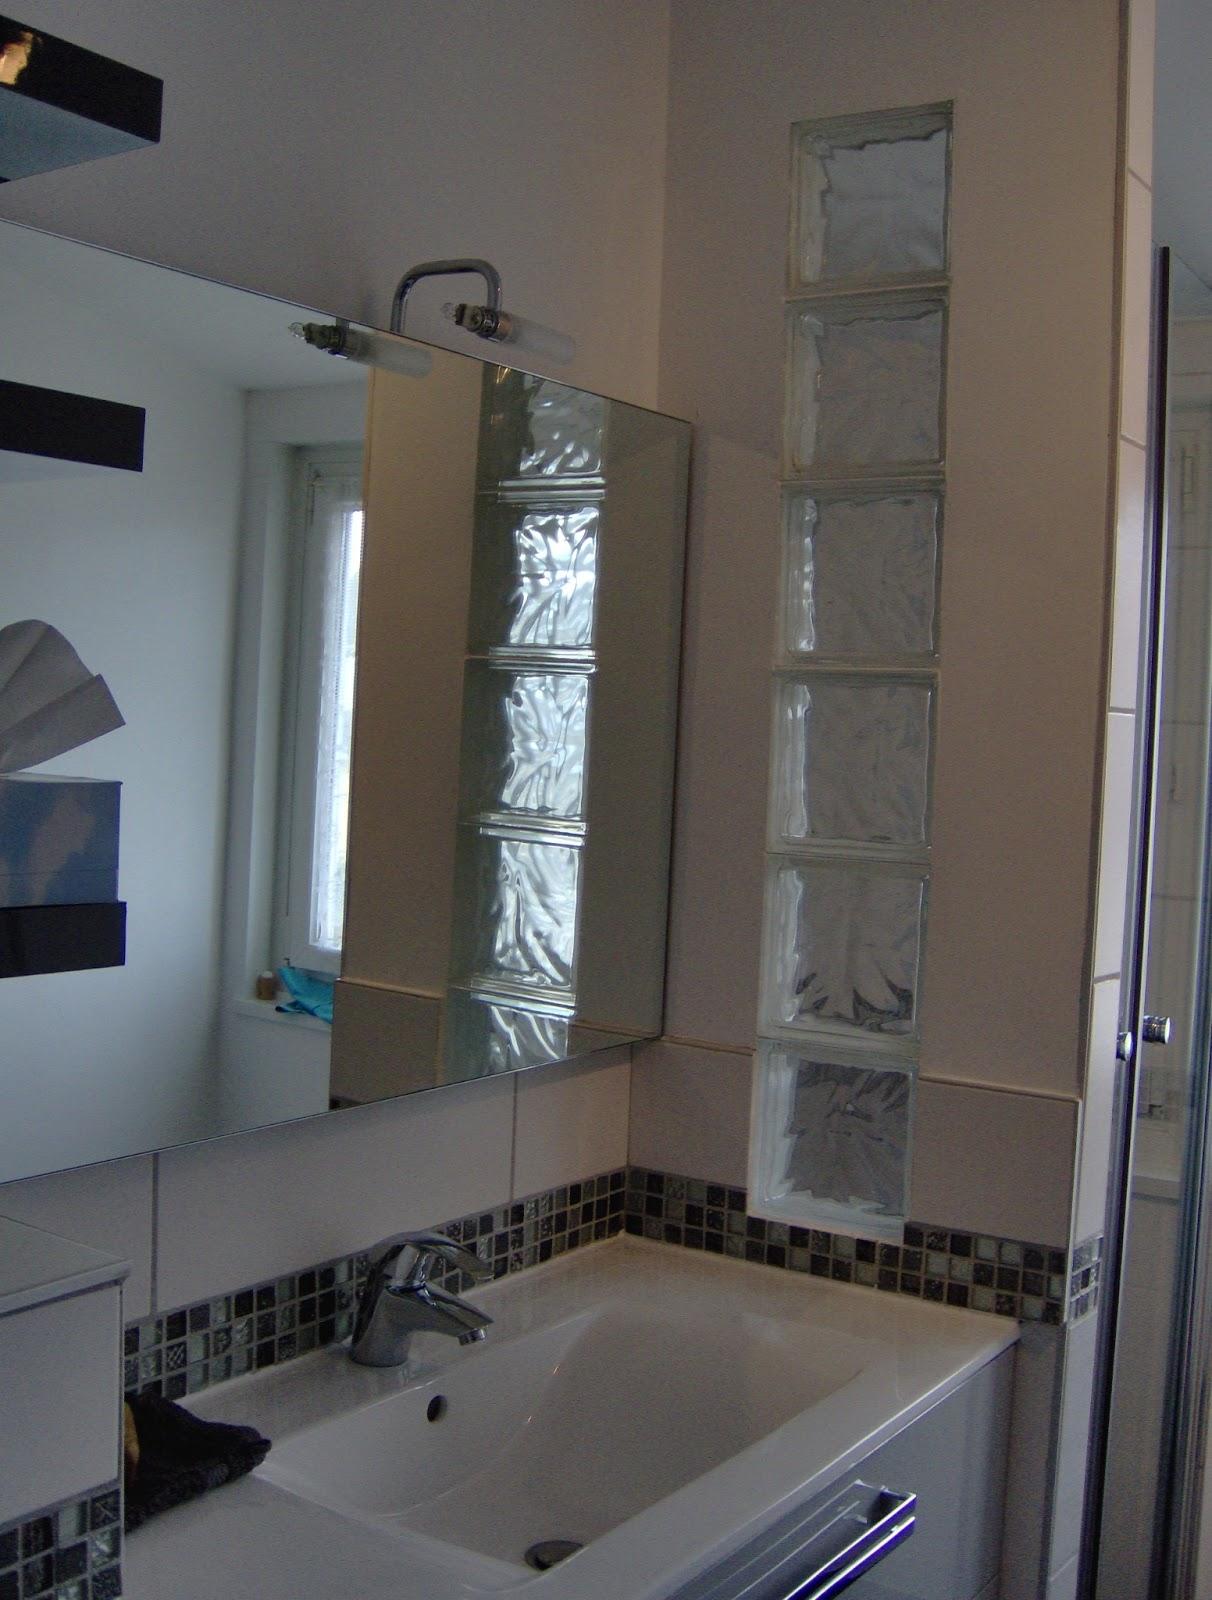 frise salle de bain mosaique frise salle de bain mosaique salle de bain frise rouge faience salle - Salle De Bain Frise Rouge